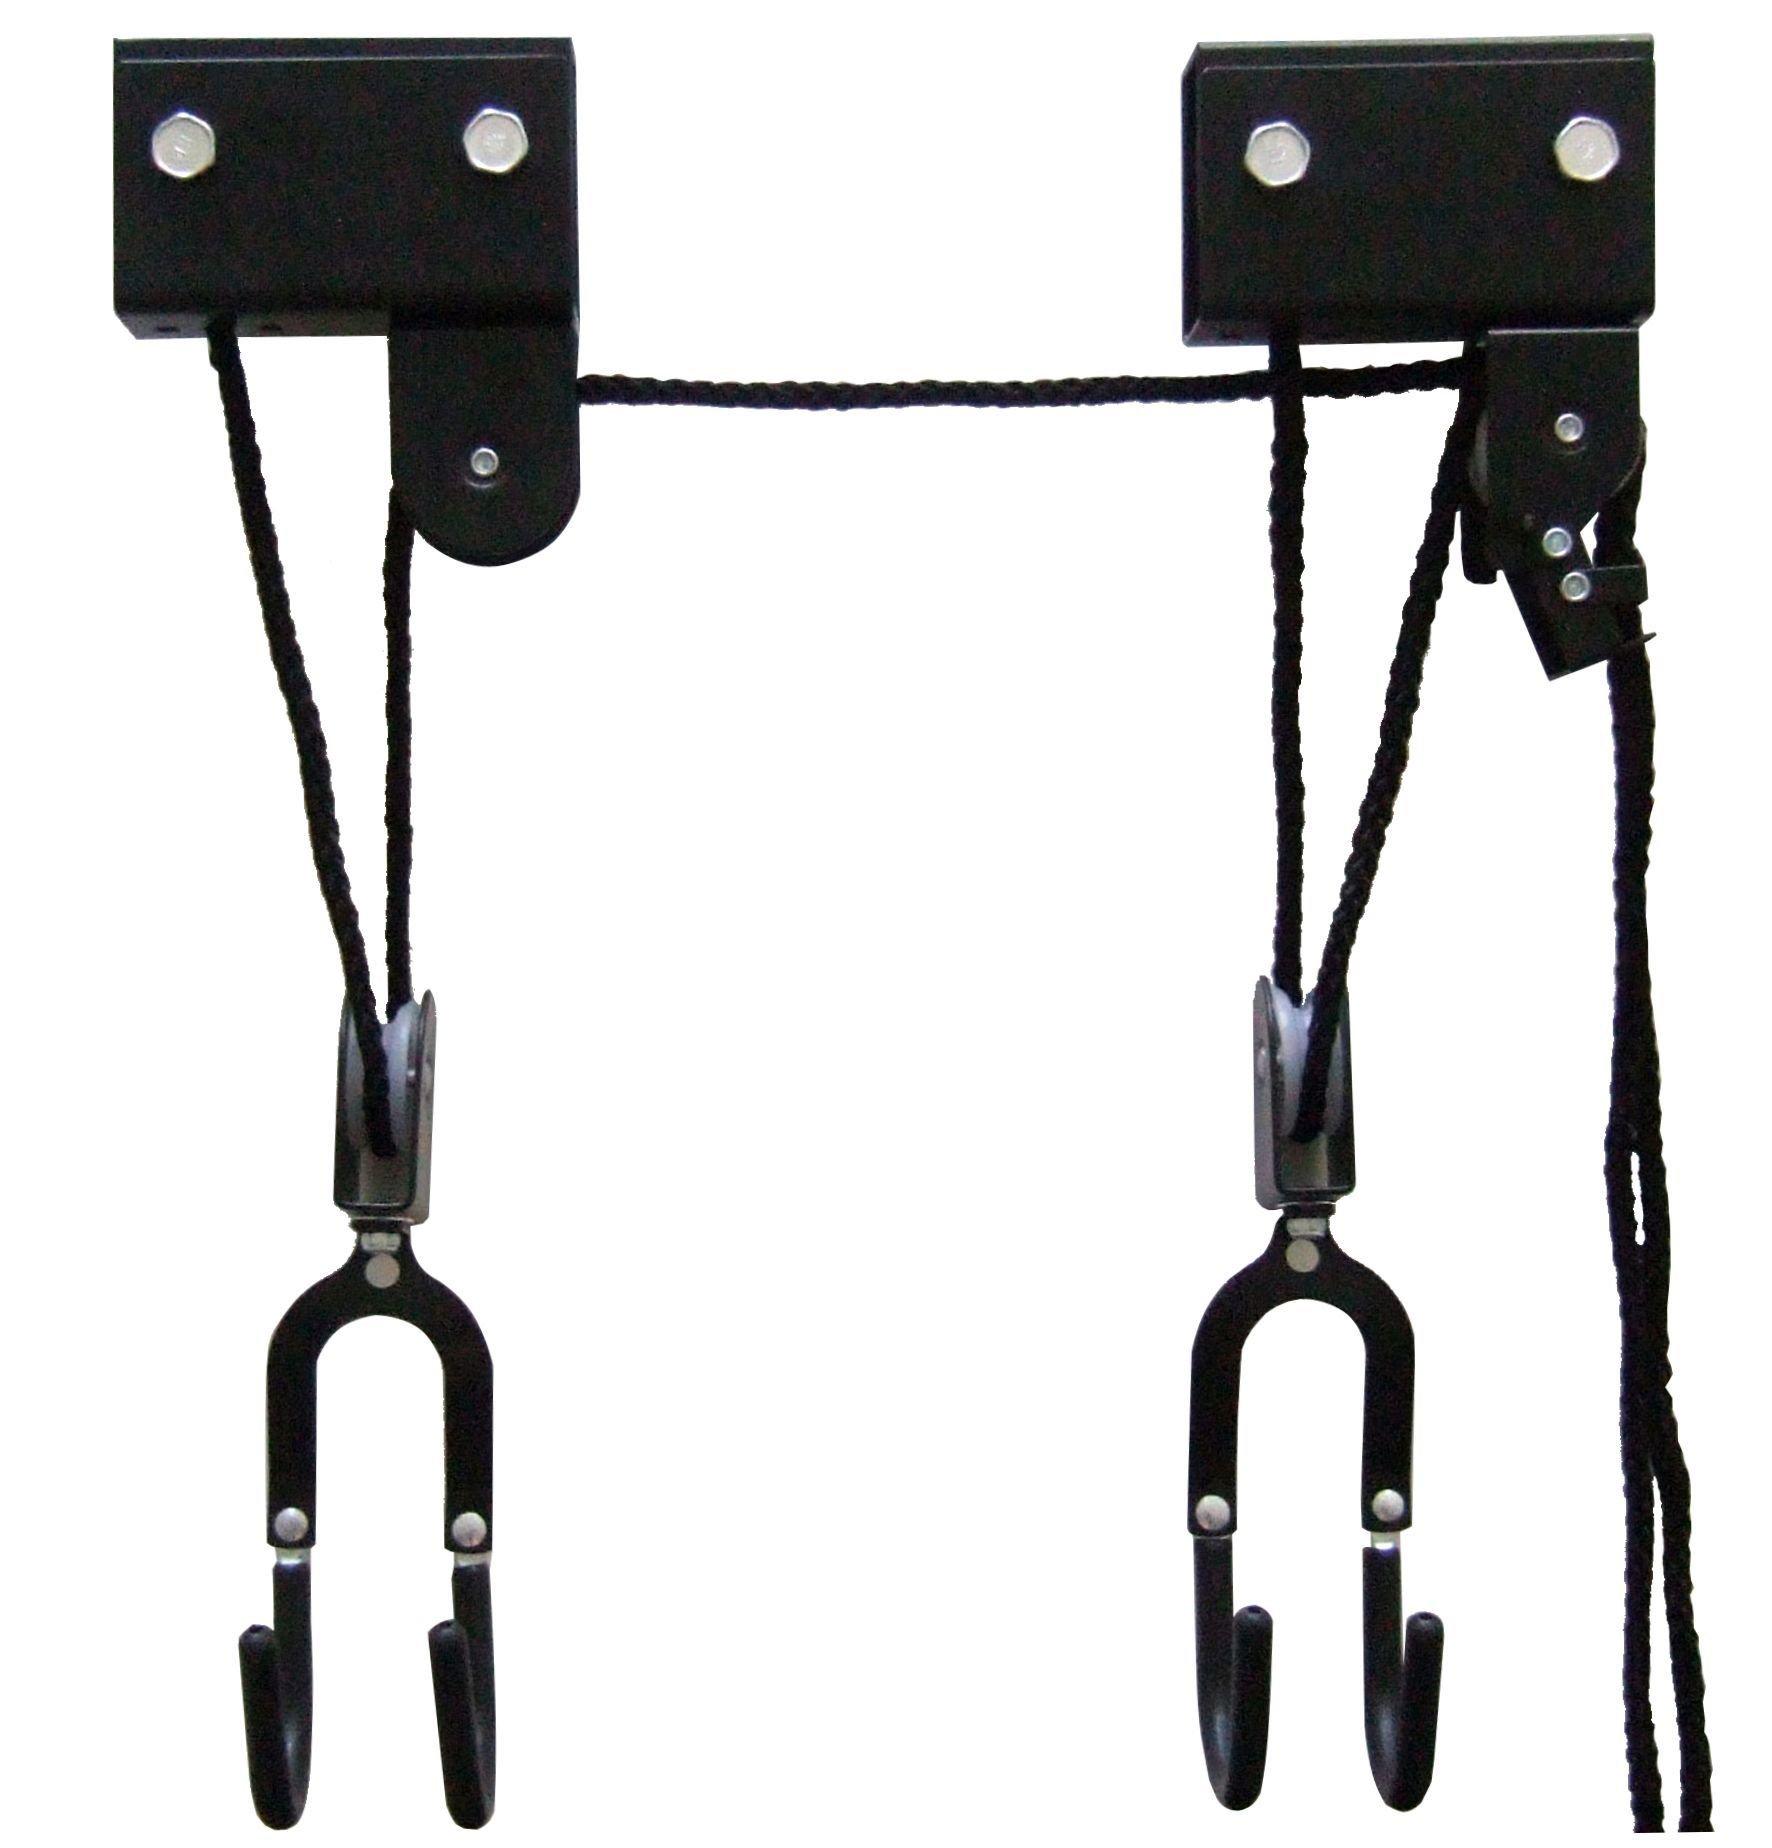 wand- & deckenhalter/Ständer: Point  Bike Lift XL Fahrradlift m. Bremse f. EBike